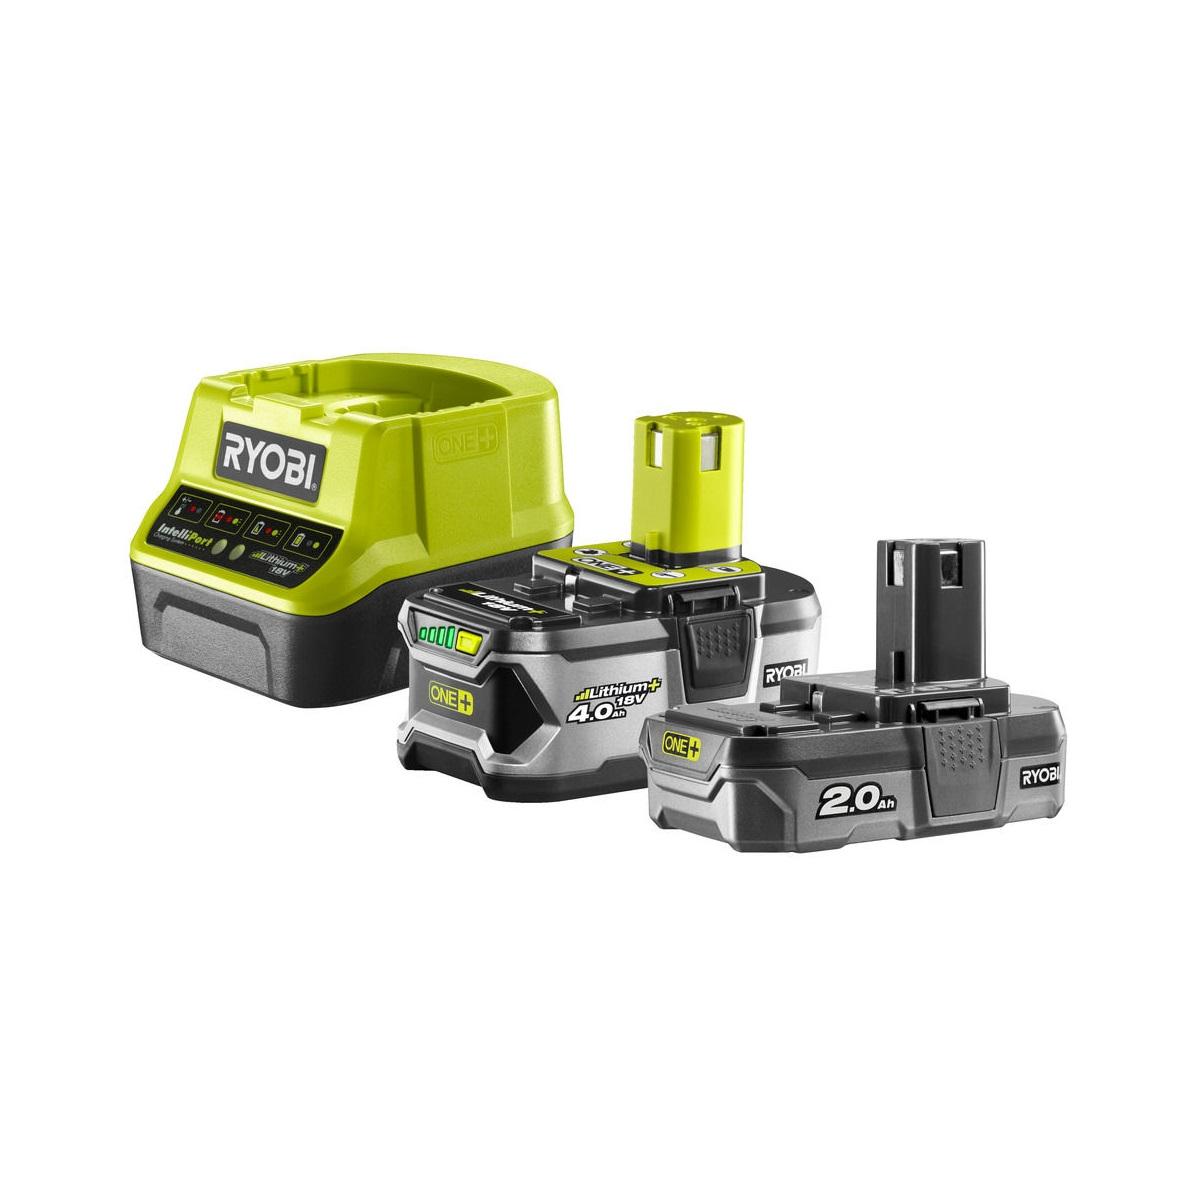 Ryobi RC18120-242sada 18 V lithium iontová baterie 2 + 4 Ah s nabíječkou RC18120 ONE+